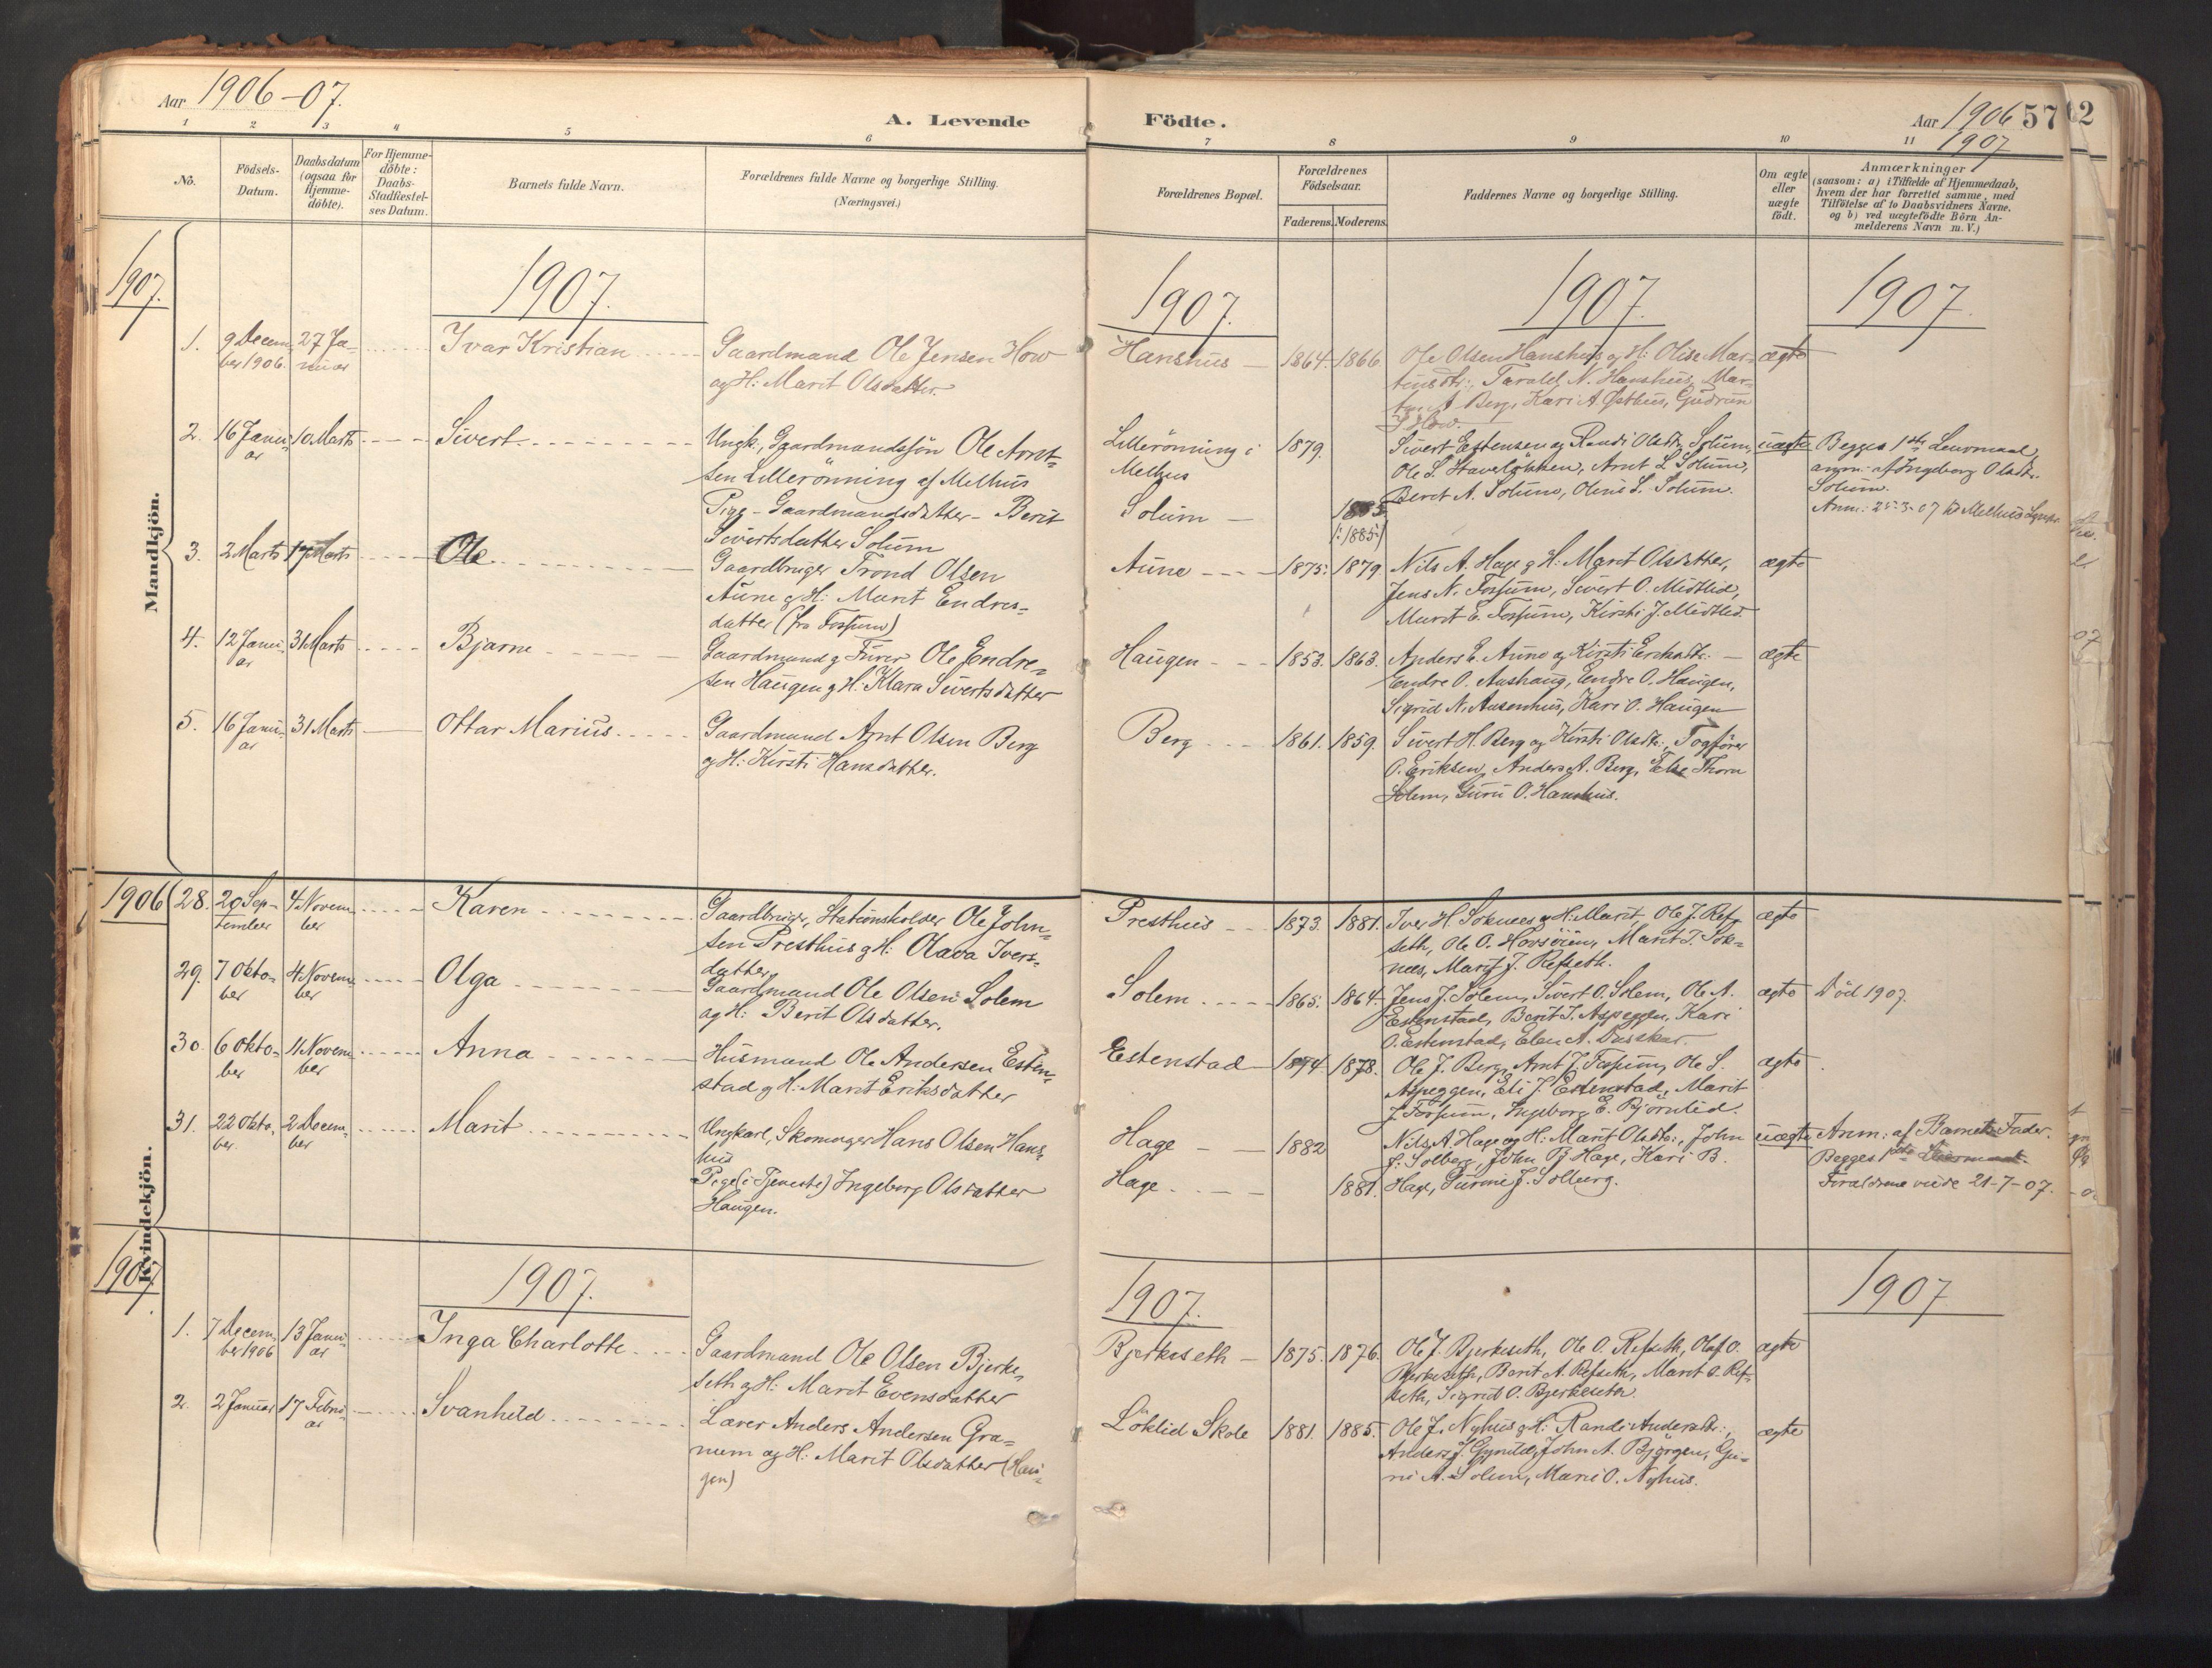 SAT, Ministerialprotokoller, klokkerbøker og fødselsregistre - Sør-Trøndelag, 689/L1041: Ministerialbok nr. 689A06, 1891-1923, s. 57